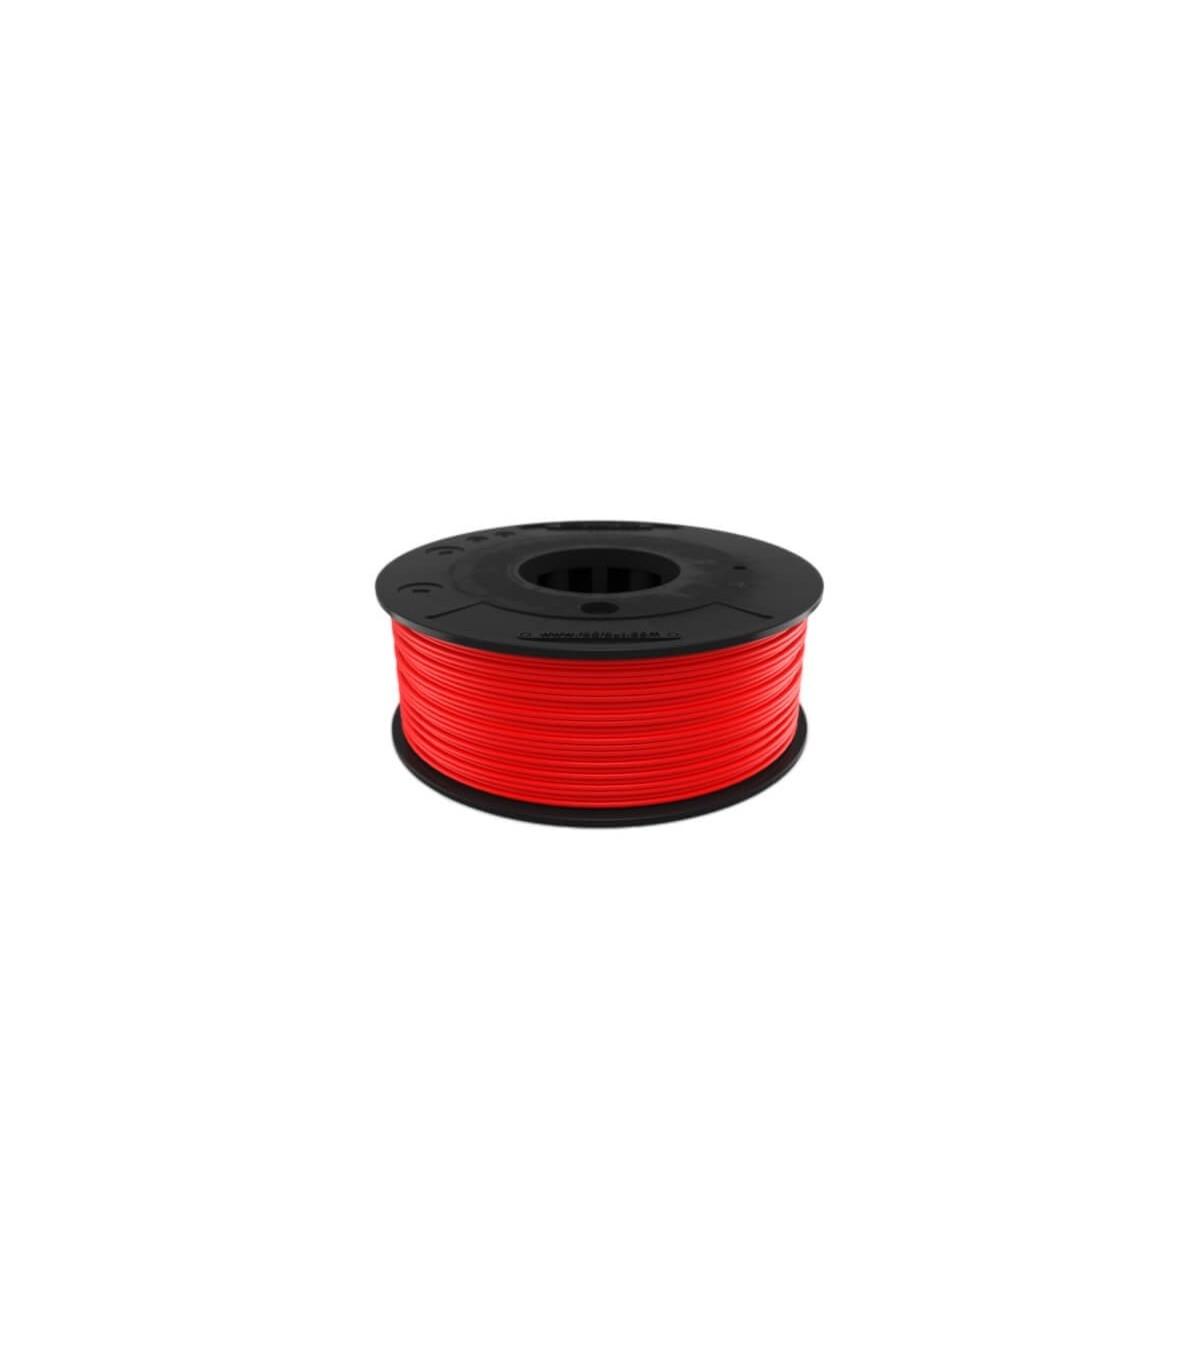 FilaFlex Red 82A TPE Filament 2.85 mm 250g